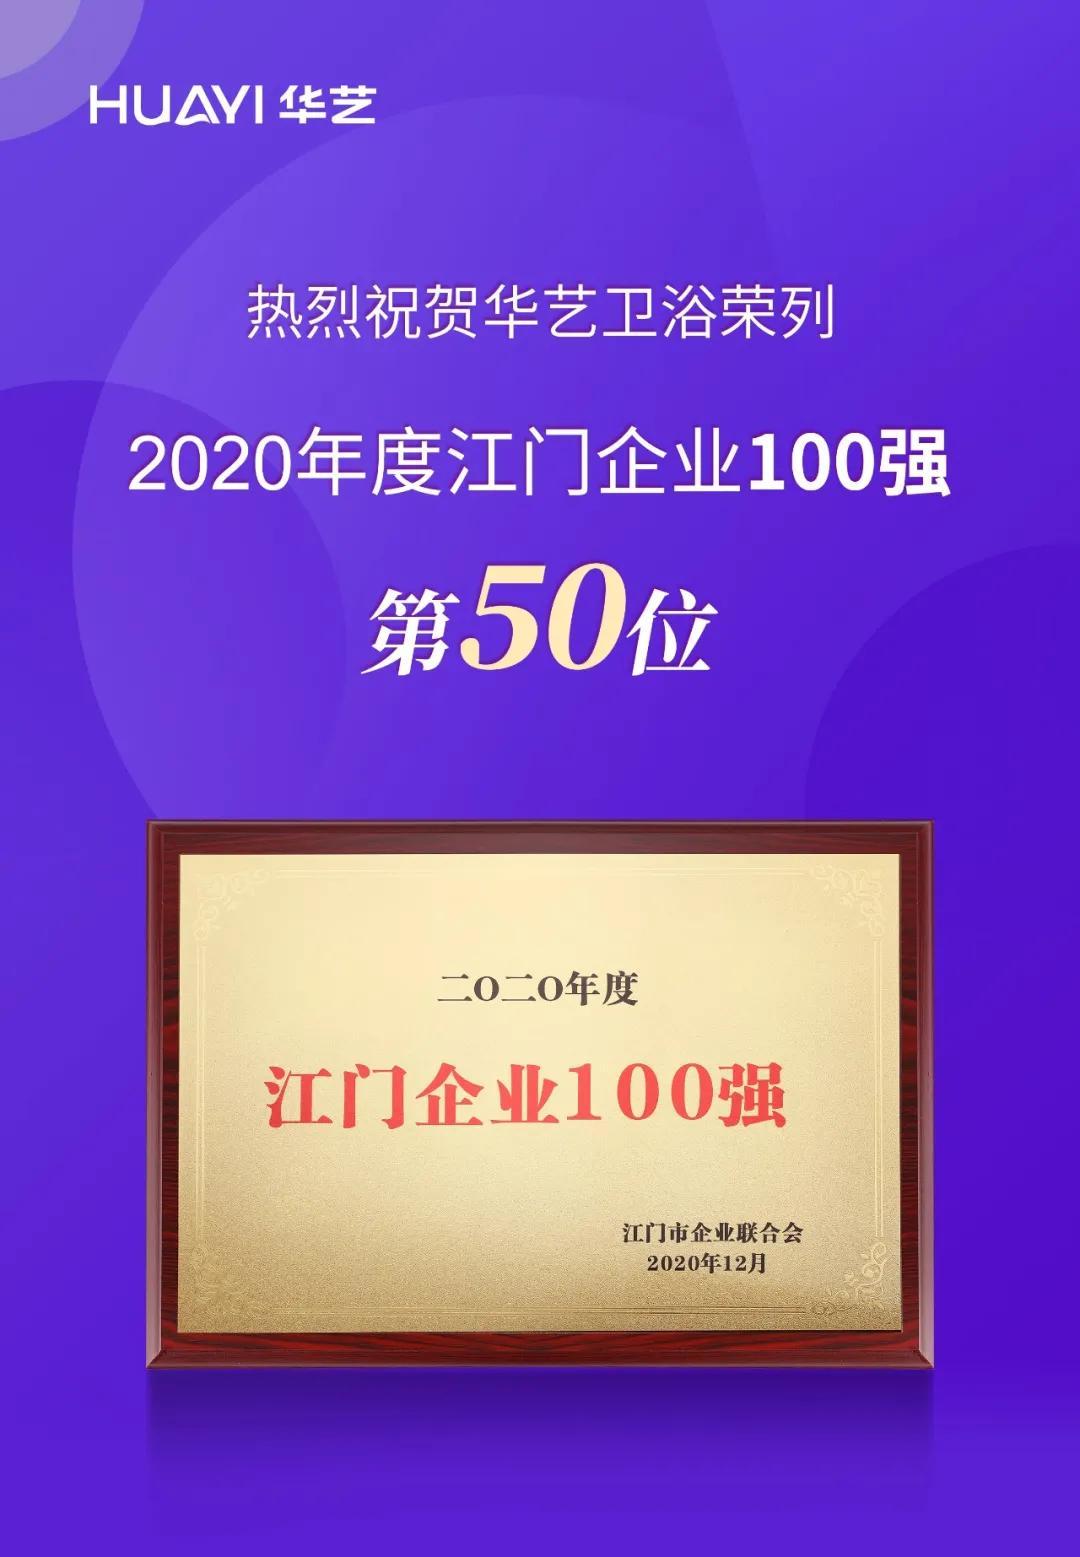 2020年度江门企业100强榜单揭晓,金牛国际app下载卫浴荣列第50位